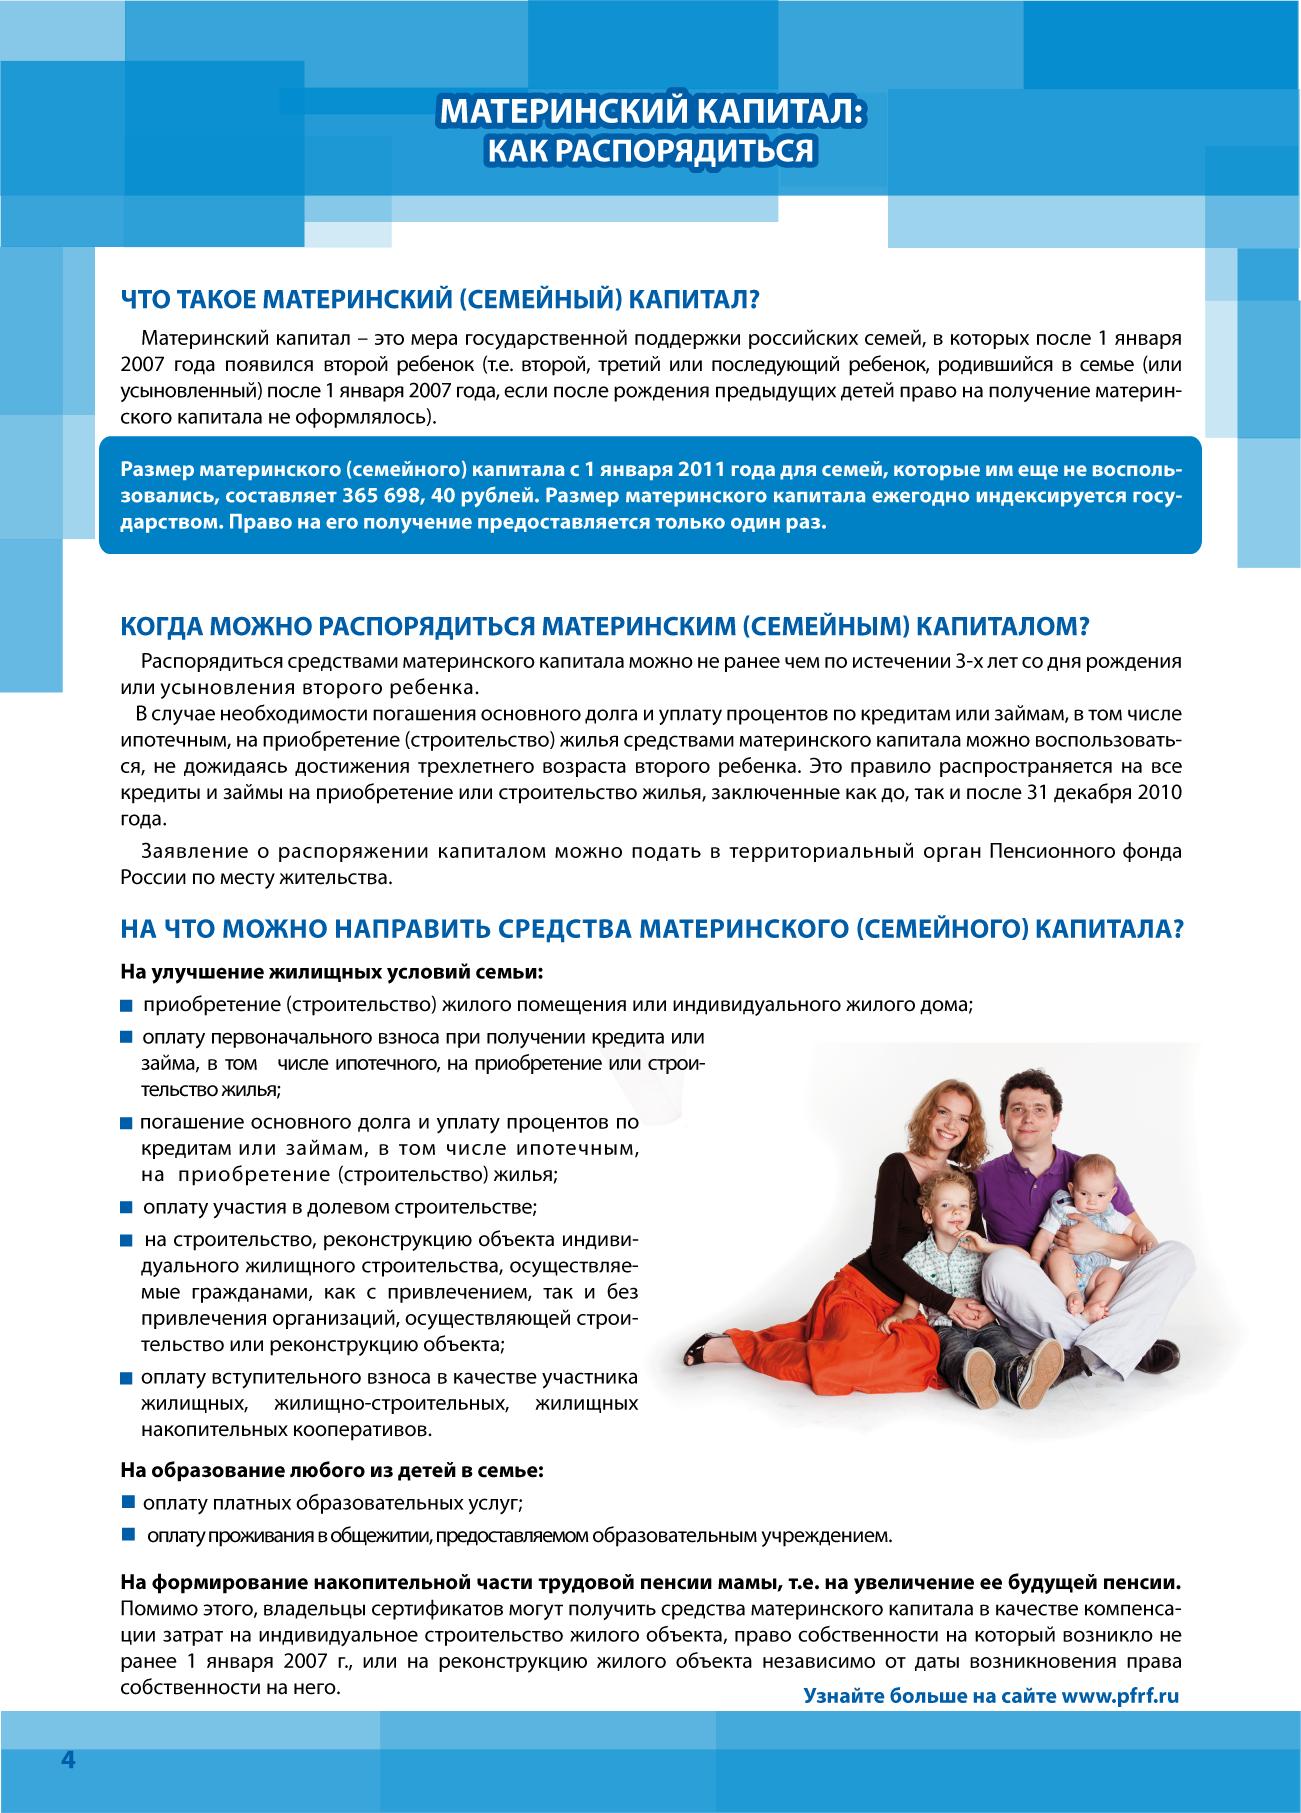 Наделение детей собственностью при использовании материнского капитала